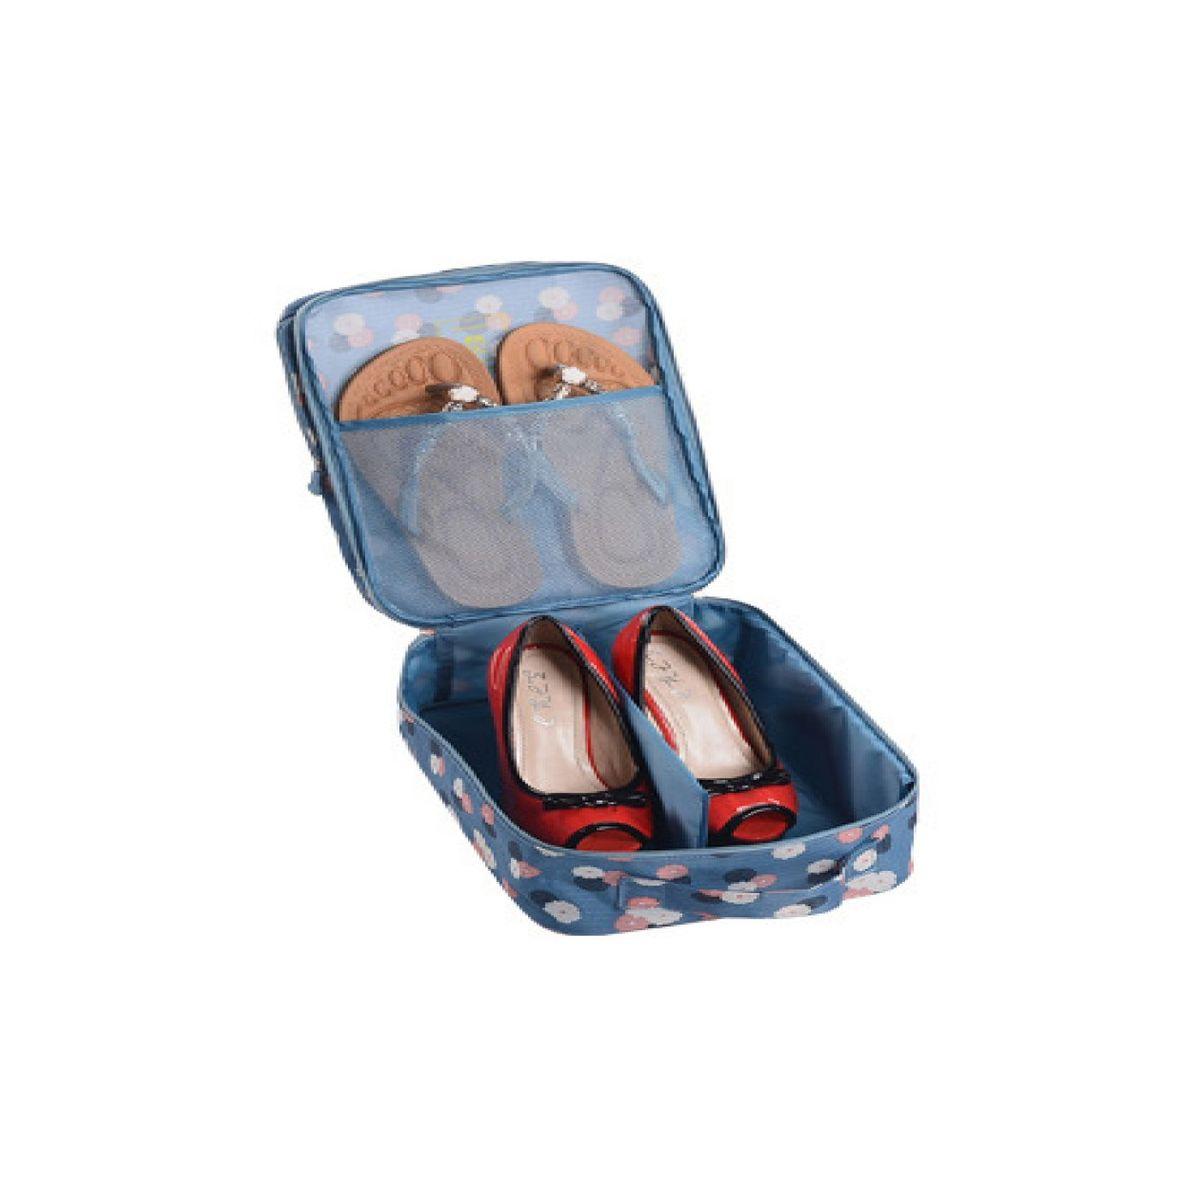 Органайзер для обуви Homsu Цветок, цвет: синий, белый, розовый, 32 x 20 x 13 см8812Органайзер для обуви Homsu Цветок изготовлен из 100% полиэстера. Экономичная замена пластиковым пакетам и громоздким коробкам. Органайзер закрывается на молнию. Имеется ручка для удобной переноски. Внутри органайзер разделен на 2 отделения для обуви с дополнительным сетчатым кармашком.Очень компактный и очень удобный, такой органайзер поможет вам хранить обувь в чистоте и порядке.Размер: 32 х 20 х 13 см.